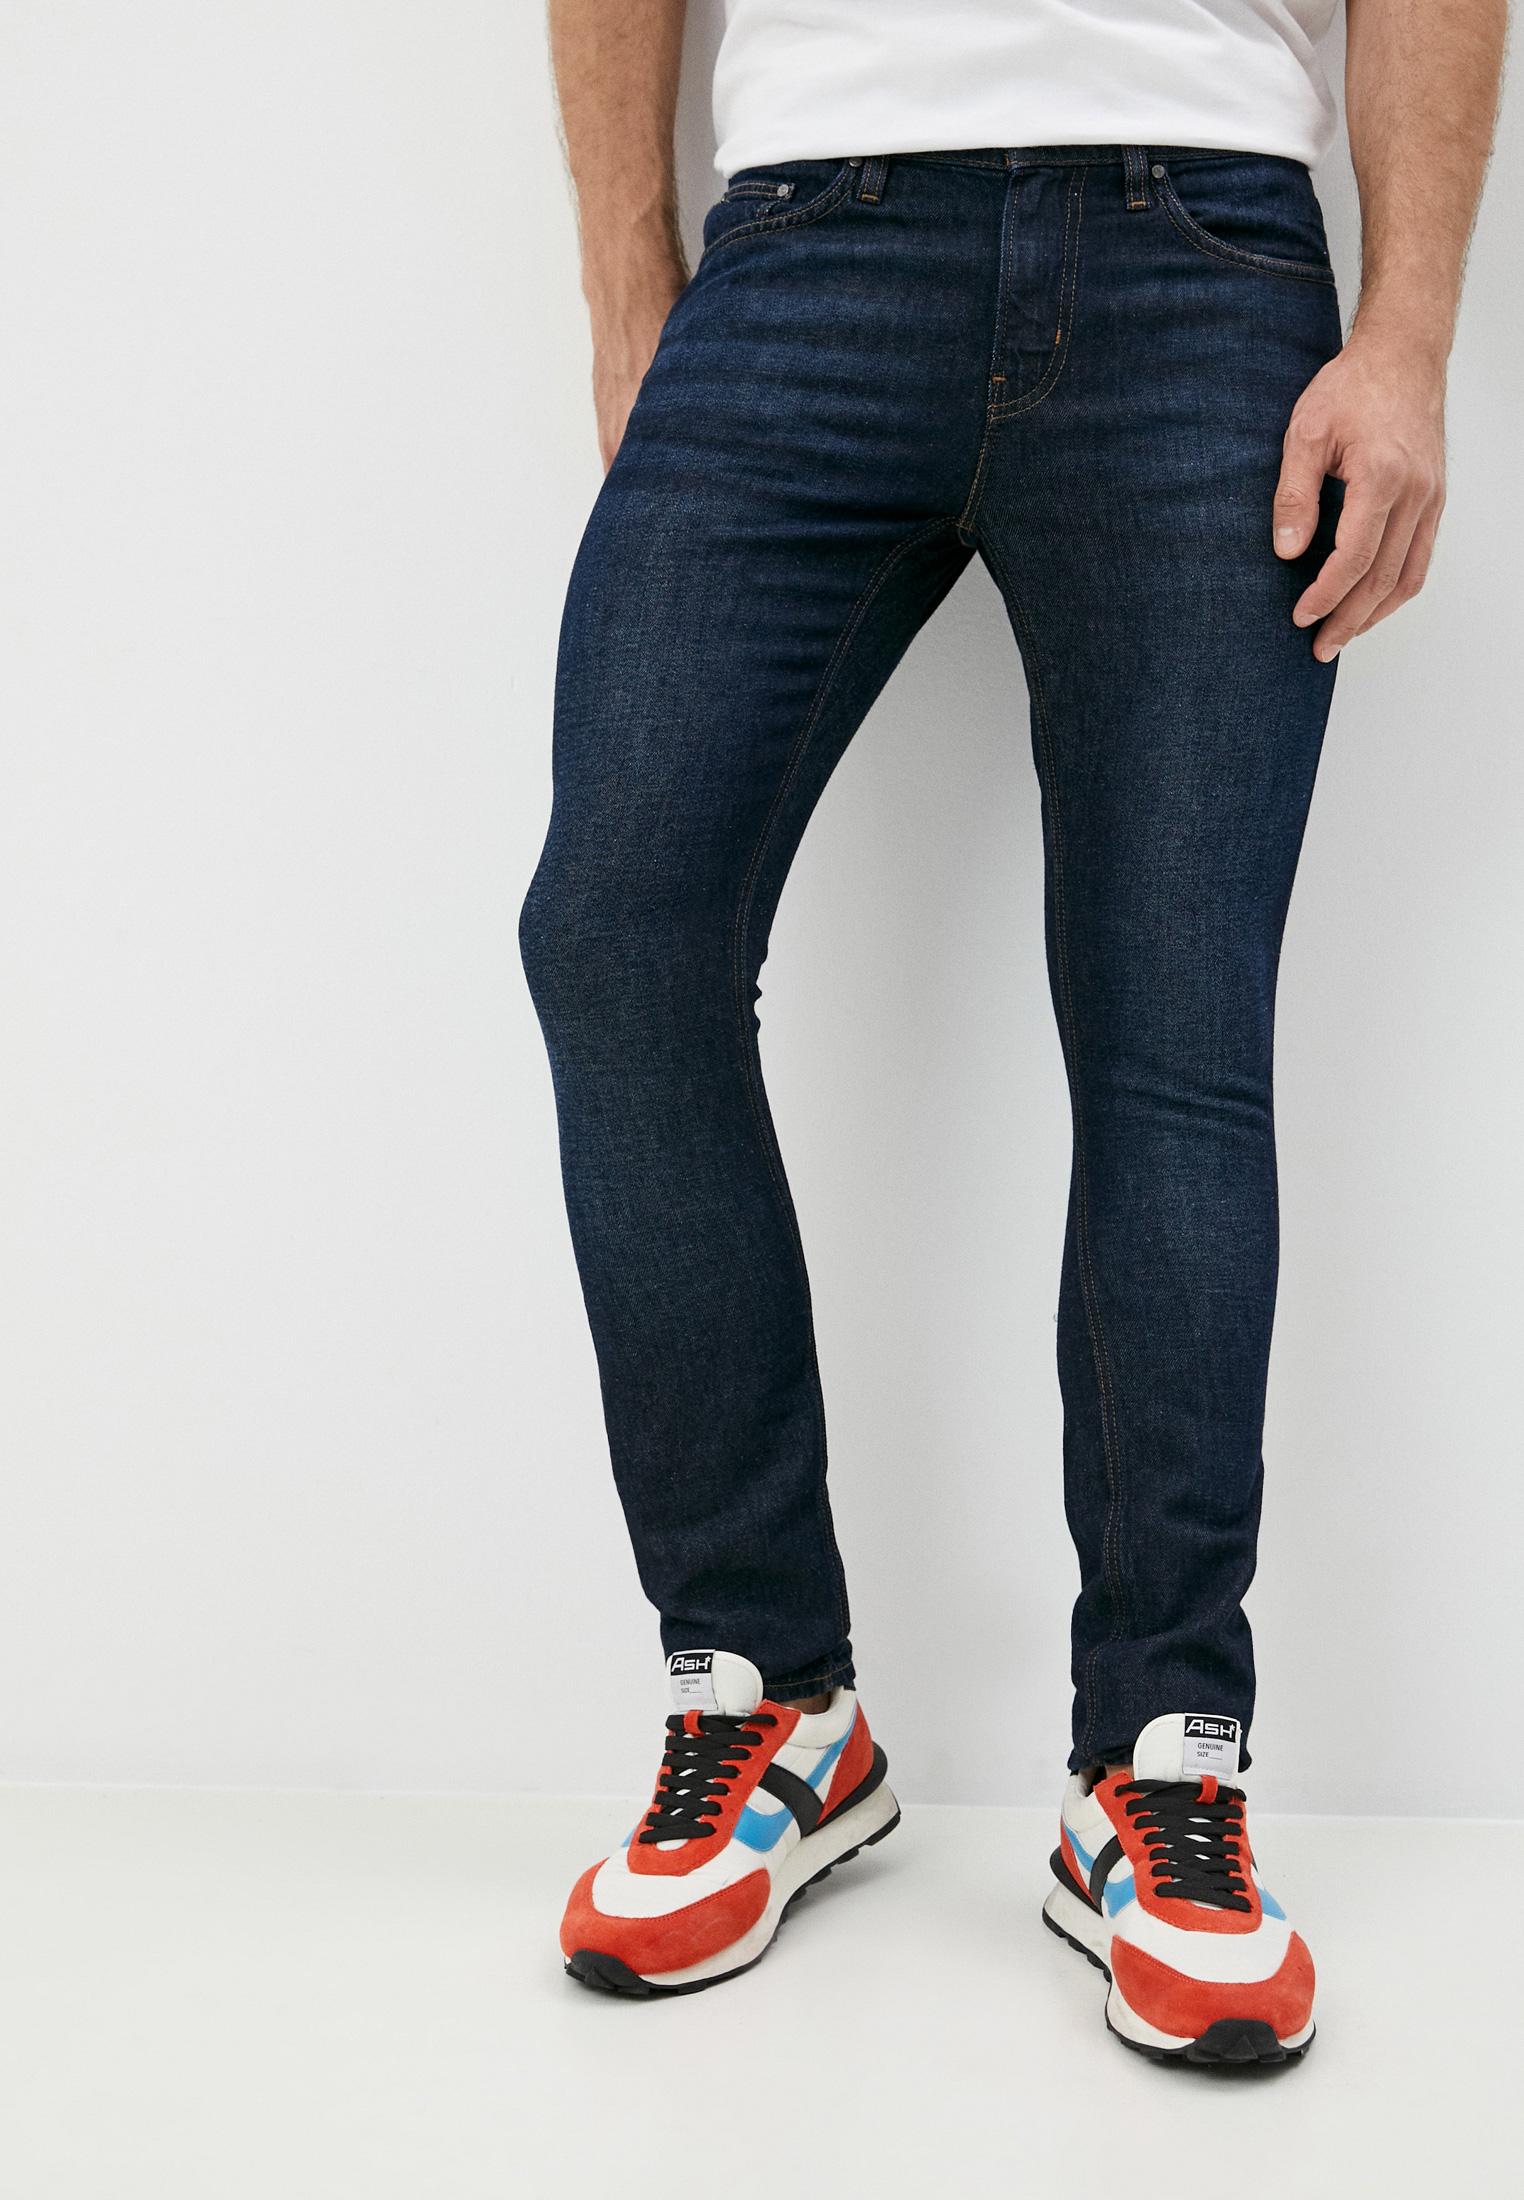 Зауженные джинсы Michael Kors Джинсы Michael Kors